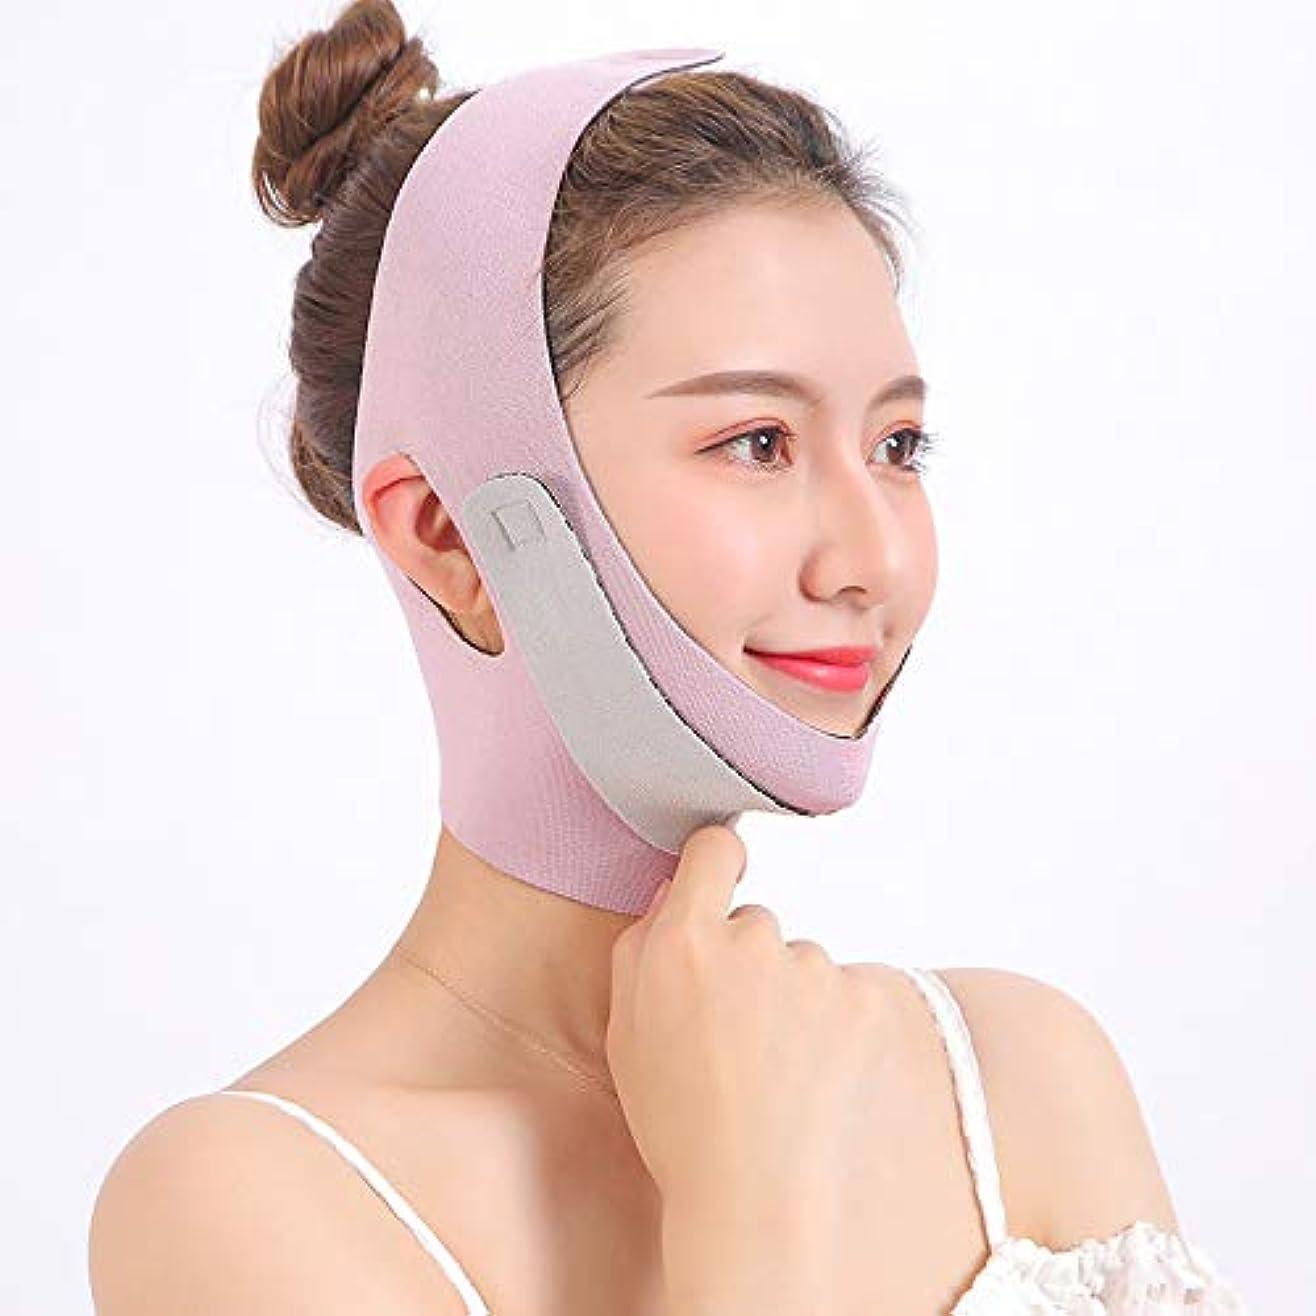 圧力知覚的抵当顔面重量損失顔包帯小さな v 顔薄いダブルあごリフトを引き締めアーティファクトシェーピングマスク睡眠フード薄い顔ベルト